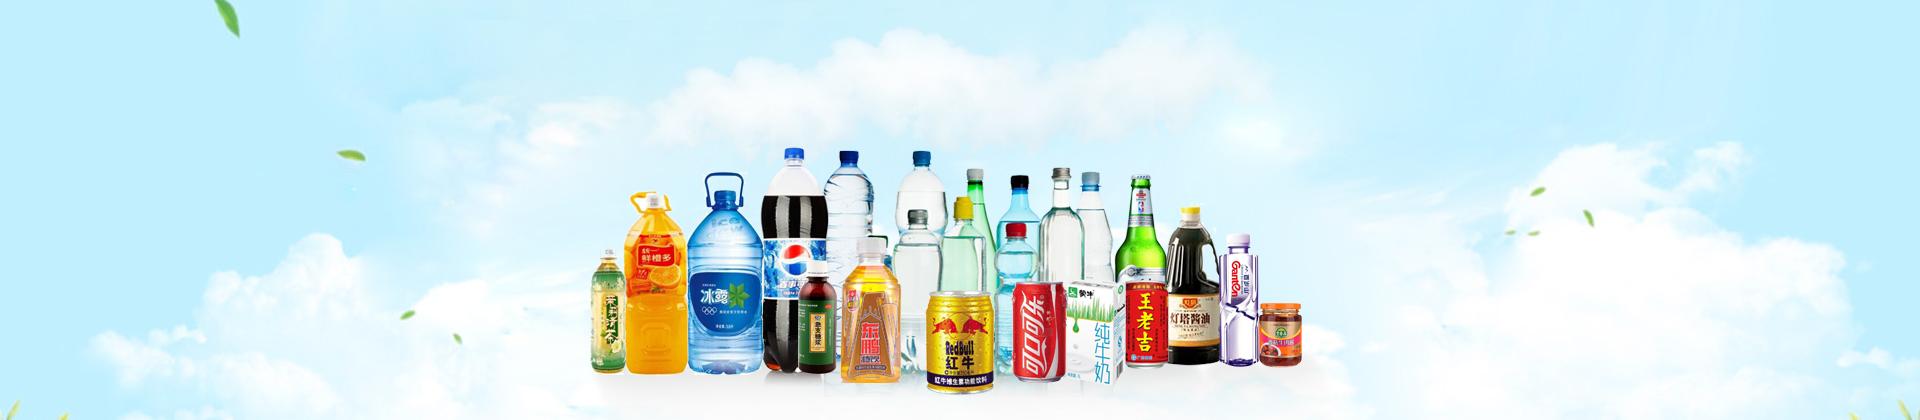 饮料打包机认为会有在饮料行业高度个性化和专业化的趋向